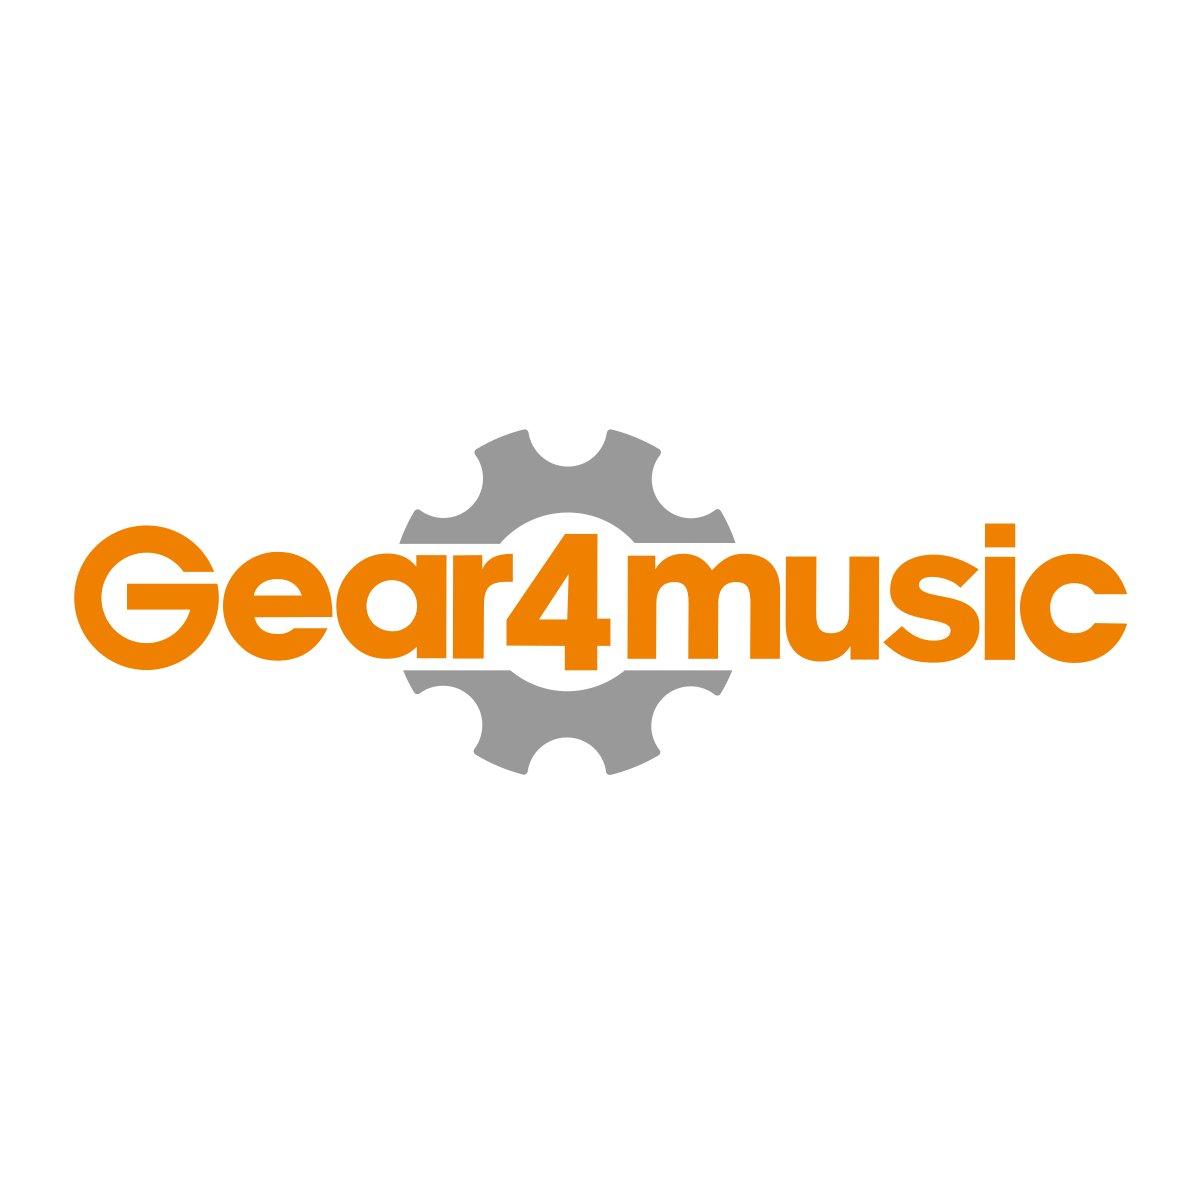 2cce59023c2 Bezdrôtové mikrofóny na predaj na Gear4music.com